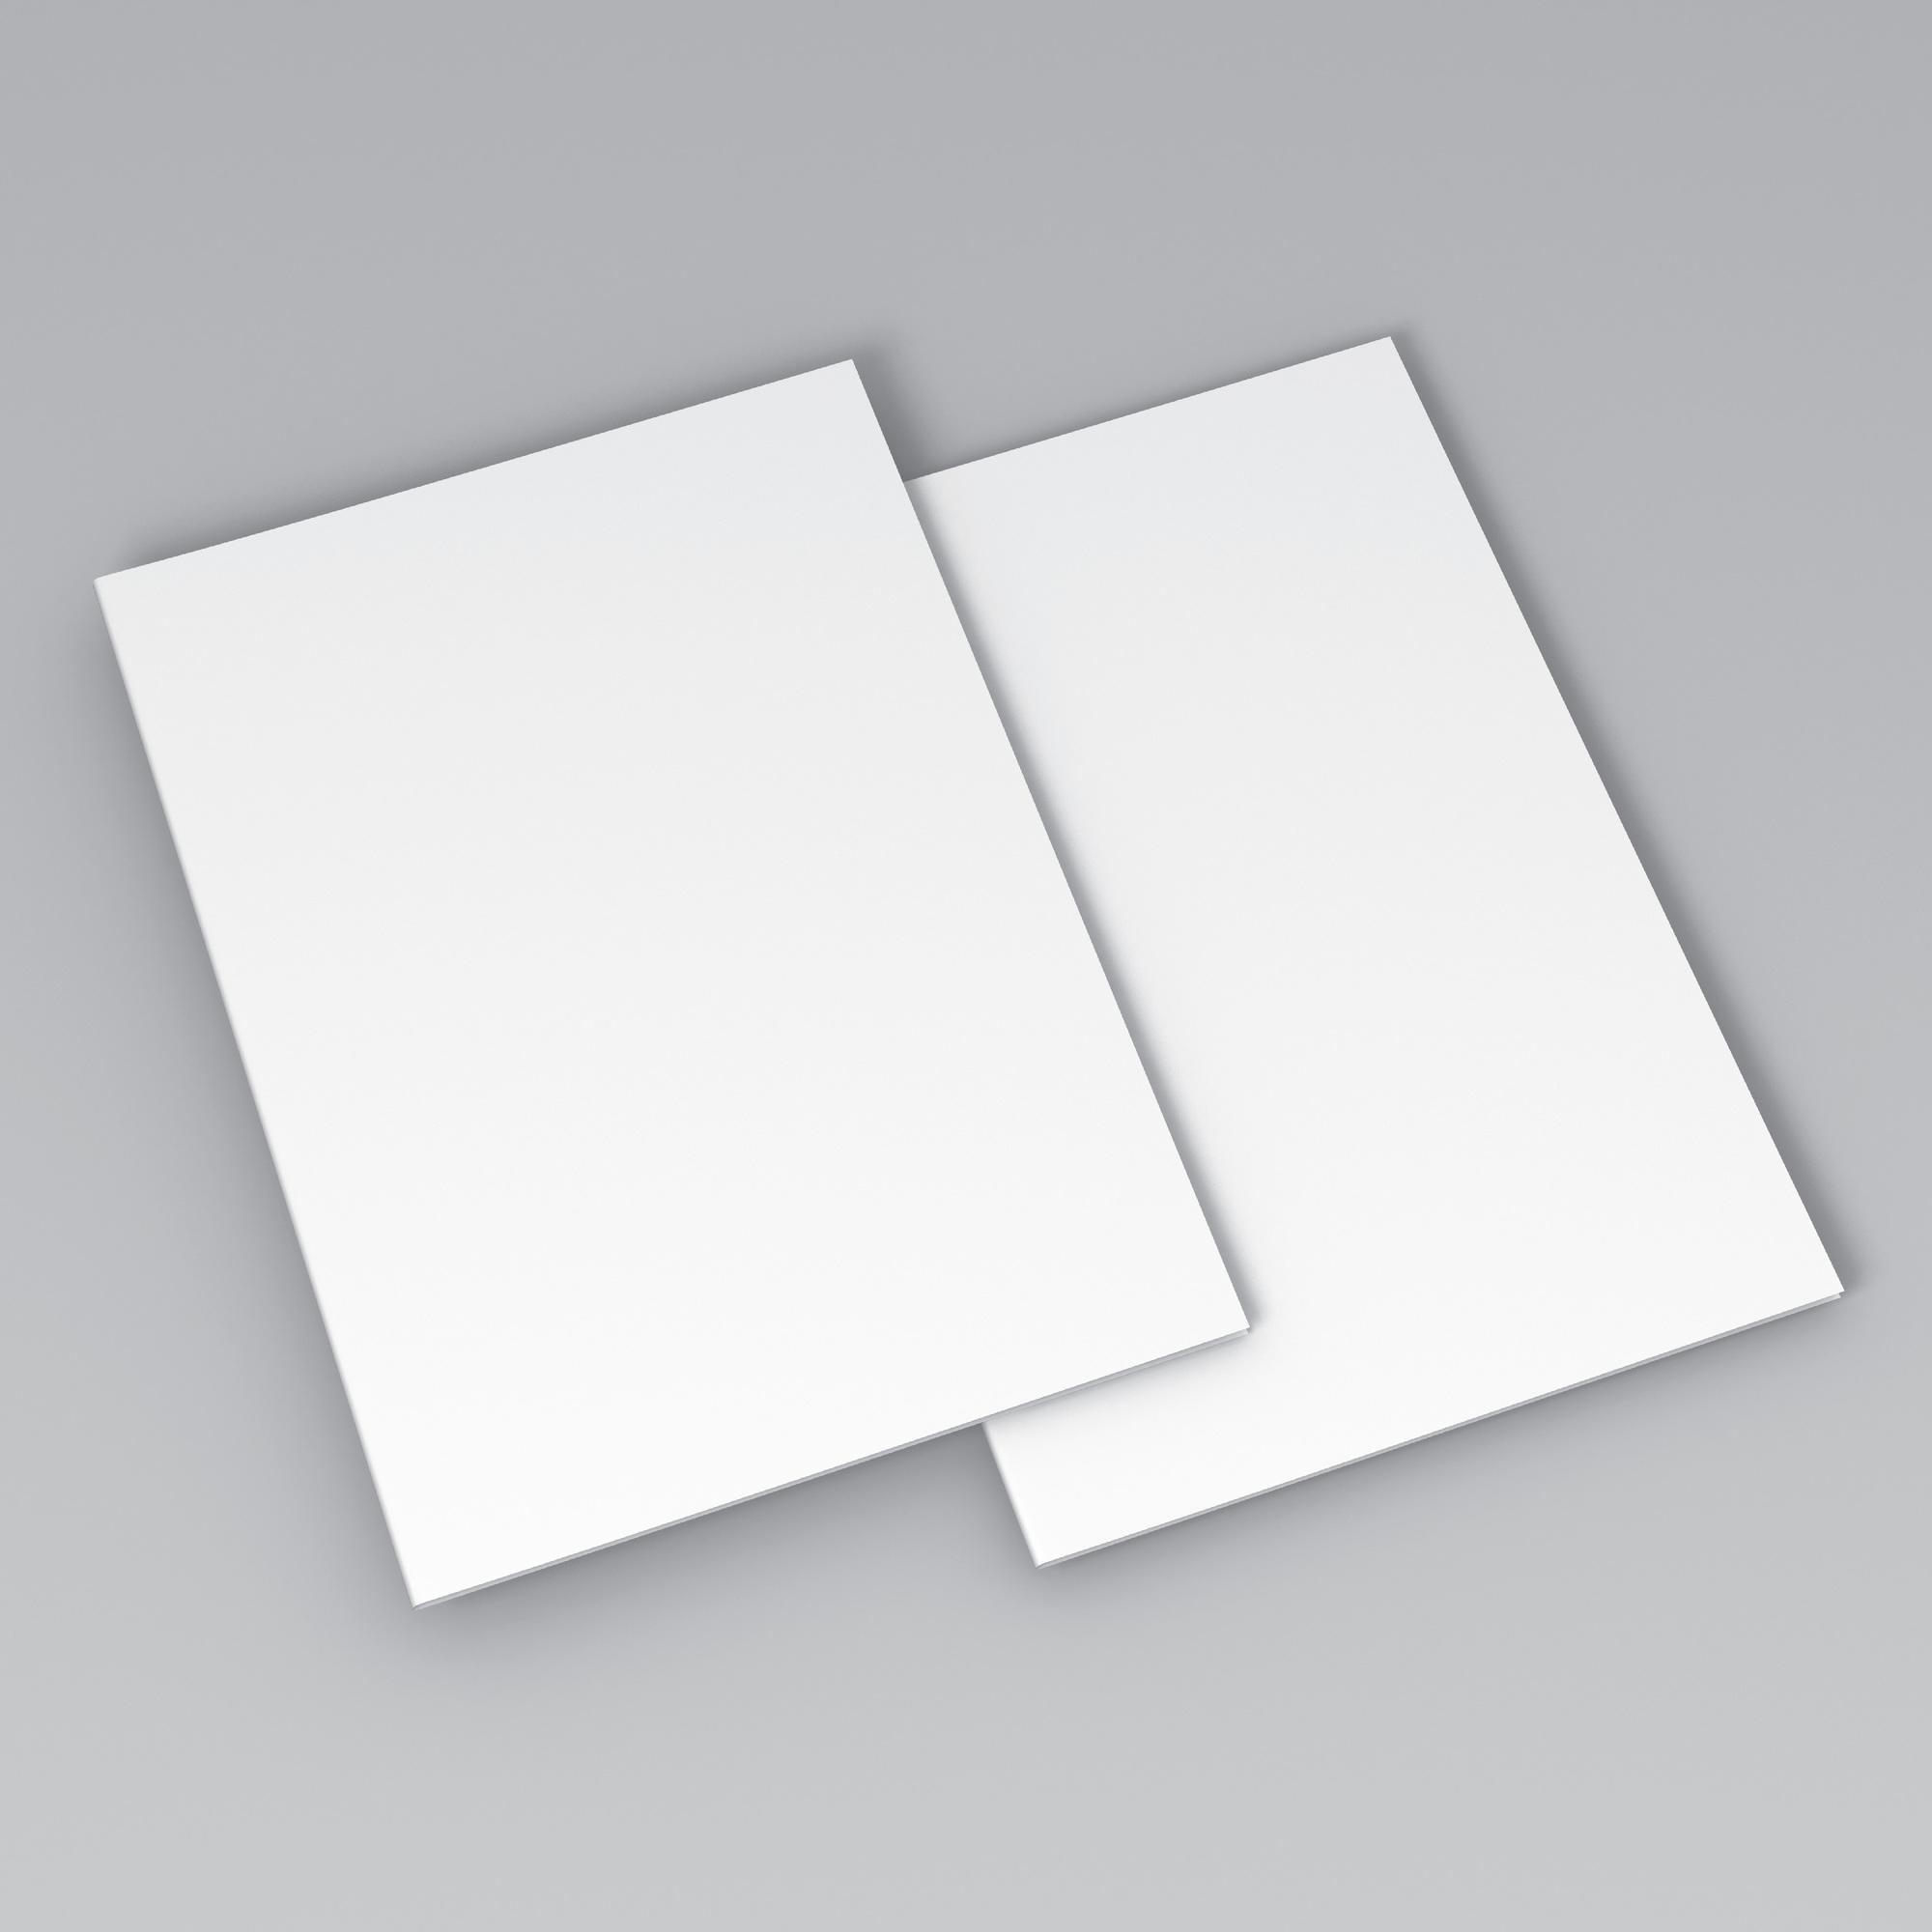 https://shop.copycatprint.com.au/images/products_gallery_images/COPYCAT_WEB_FLYERS_GALLERY_IMAGES_MAR18-0130.jpg